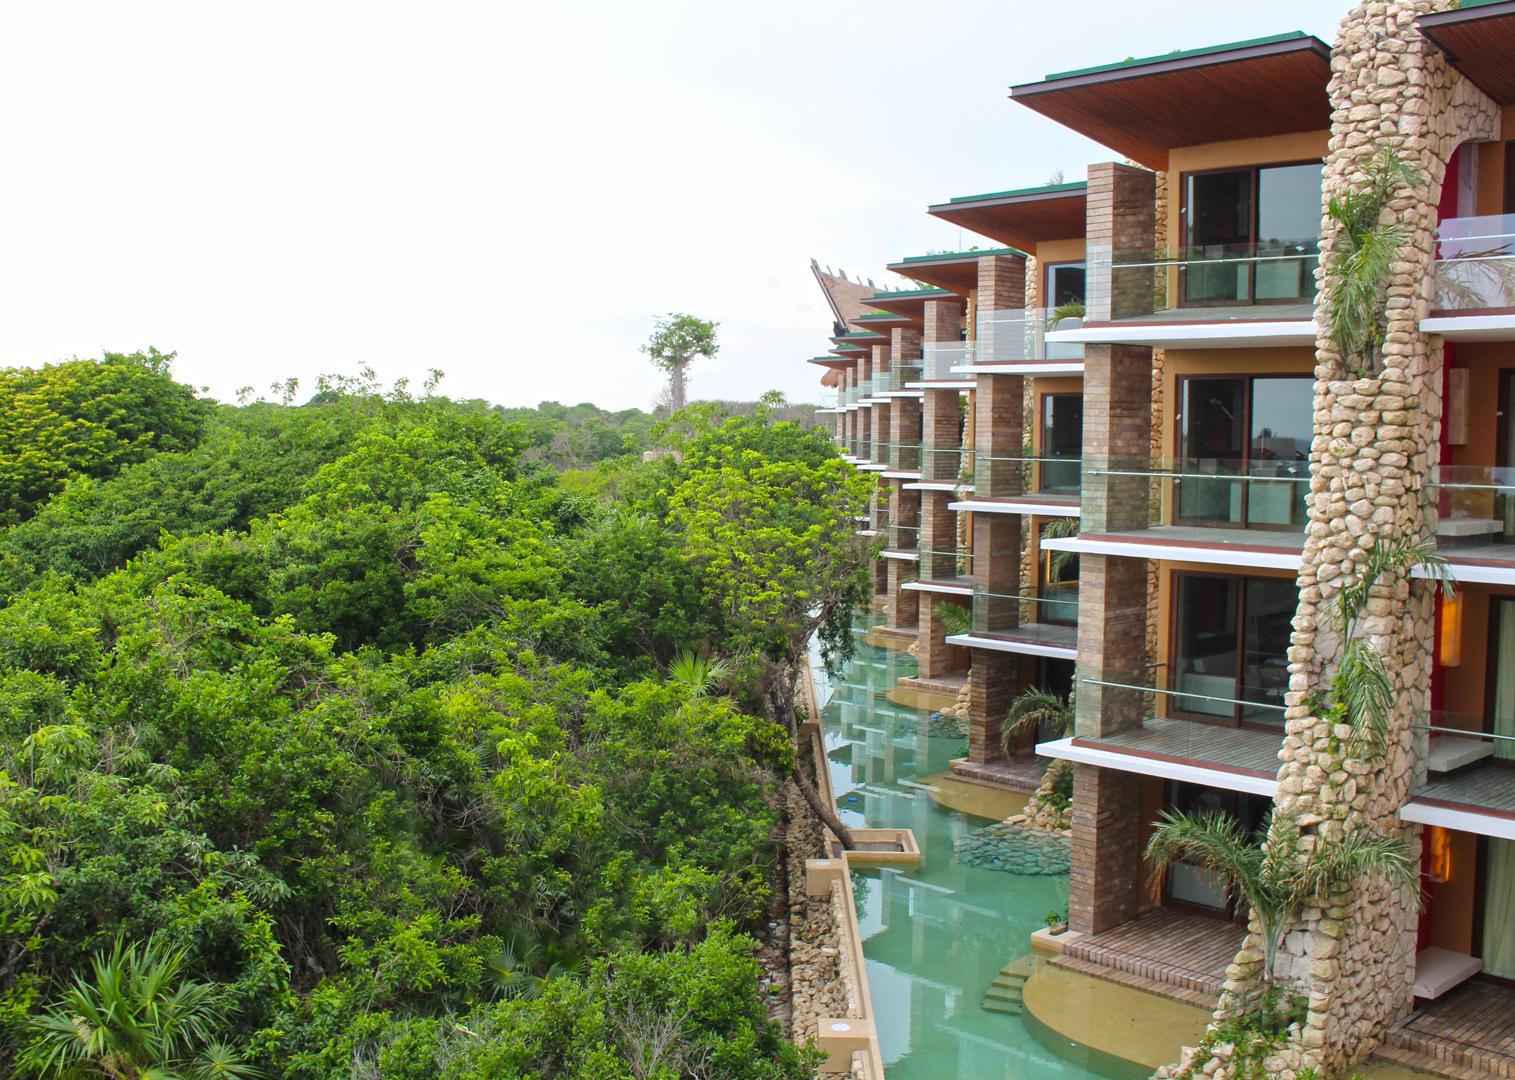 Detalhe de um dos blocos de suítes, cercadas pela natureza exuberante da Riviera Maya